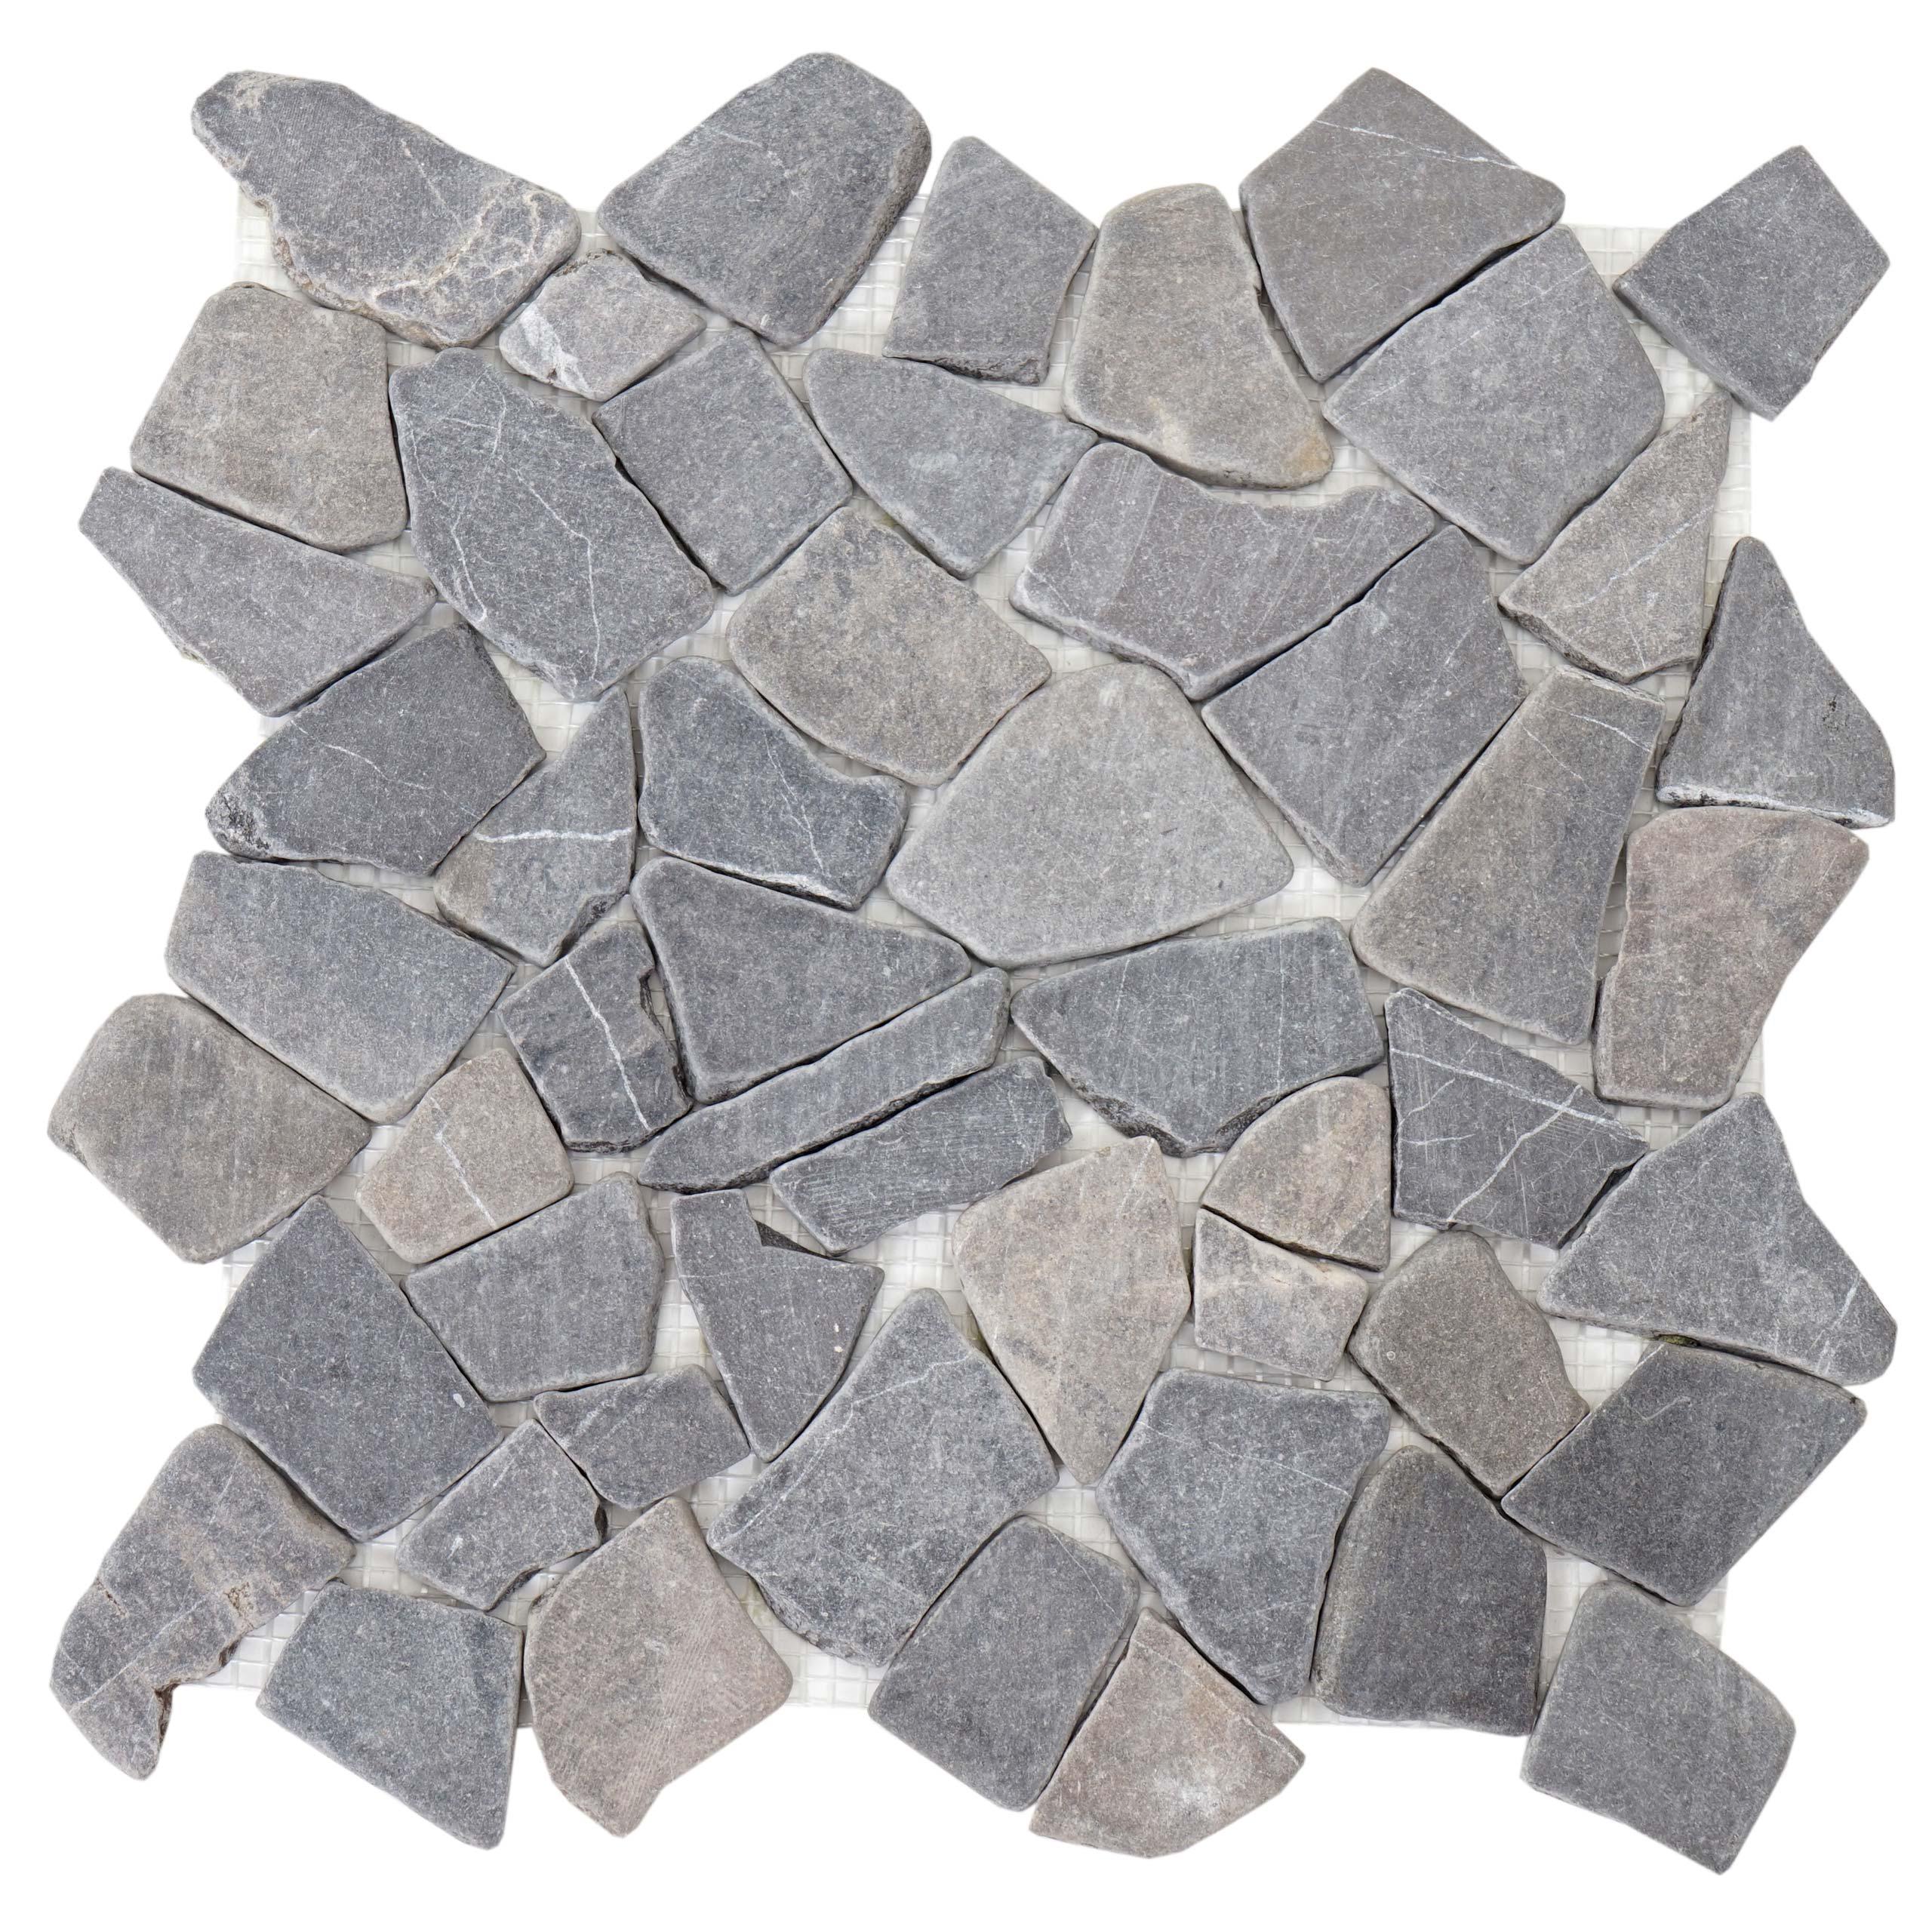 Mendler Steinfliesen Vigo T687 Marmor Naturstein-Fliese Mosaik 11 St/ück je 30x30cm = 1qm ~ Creme-wei/ß